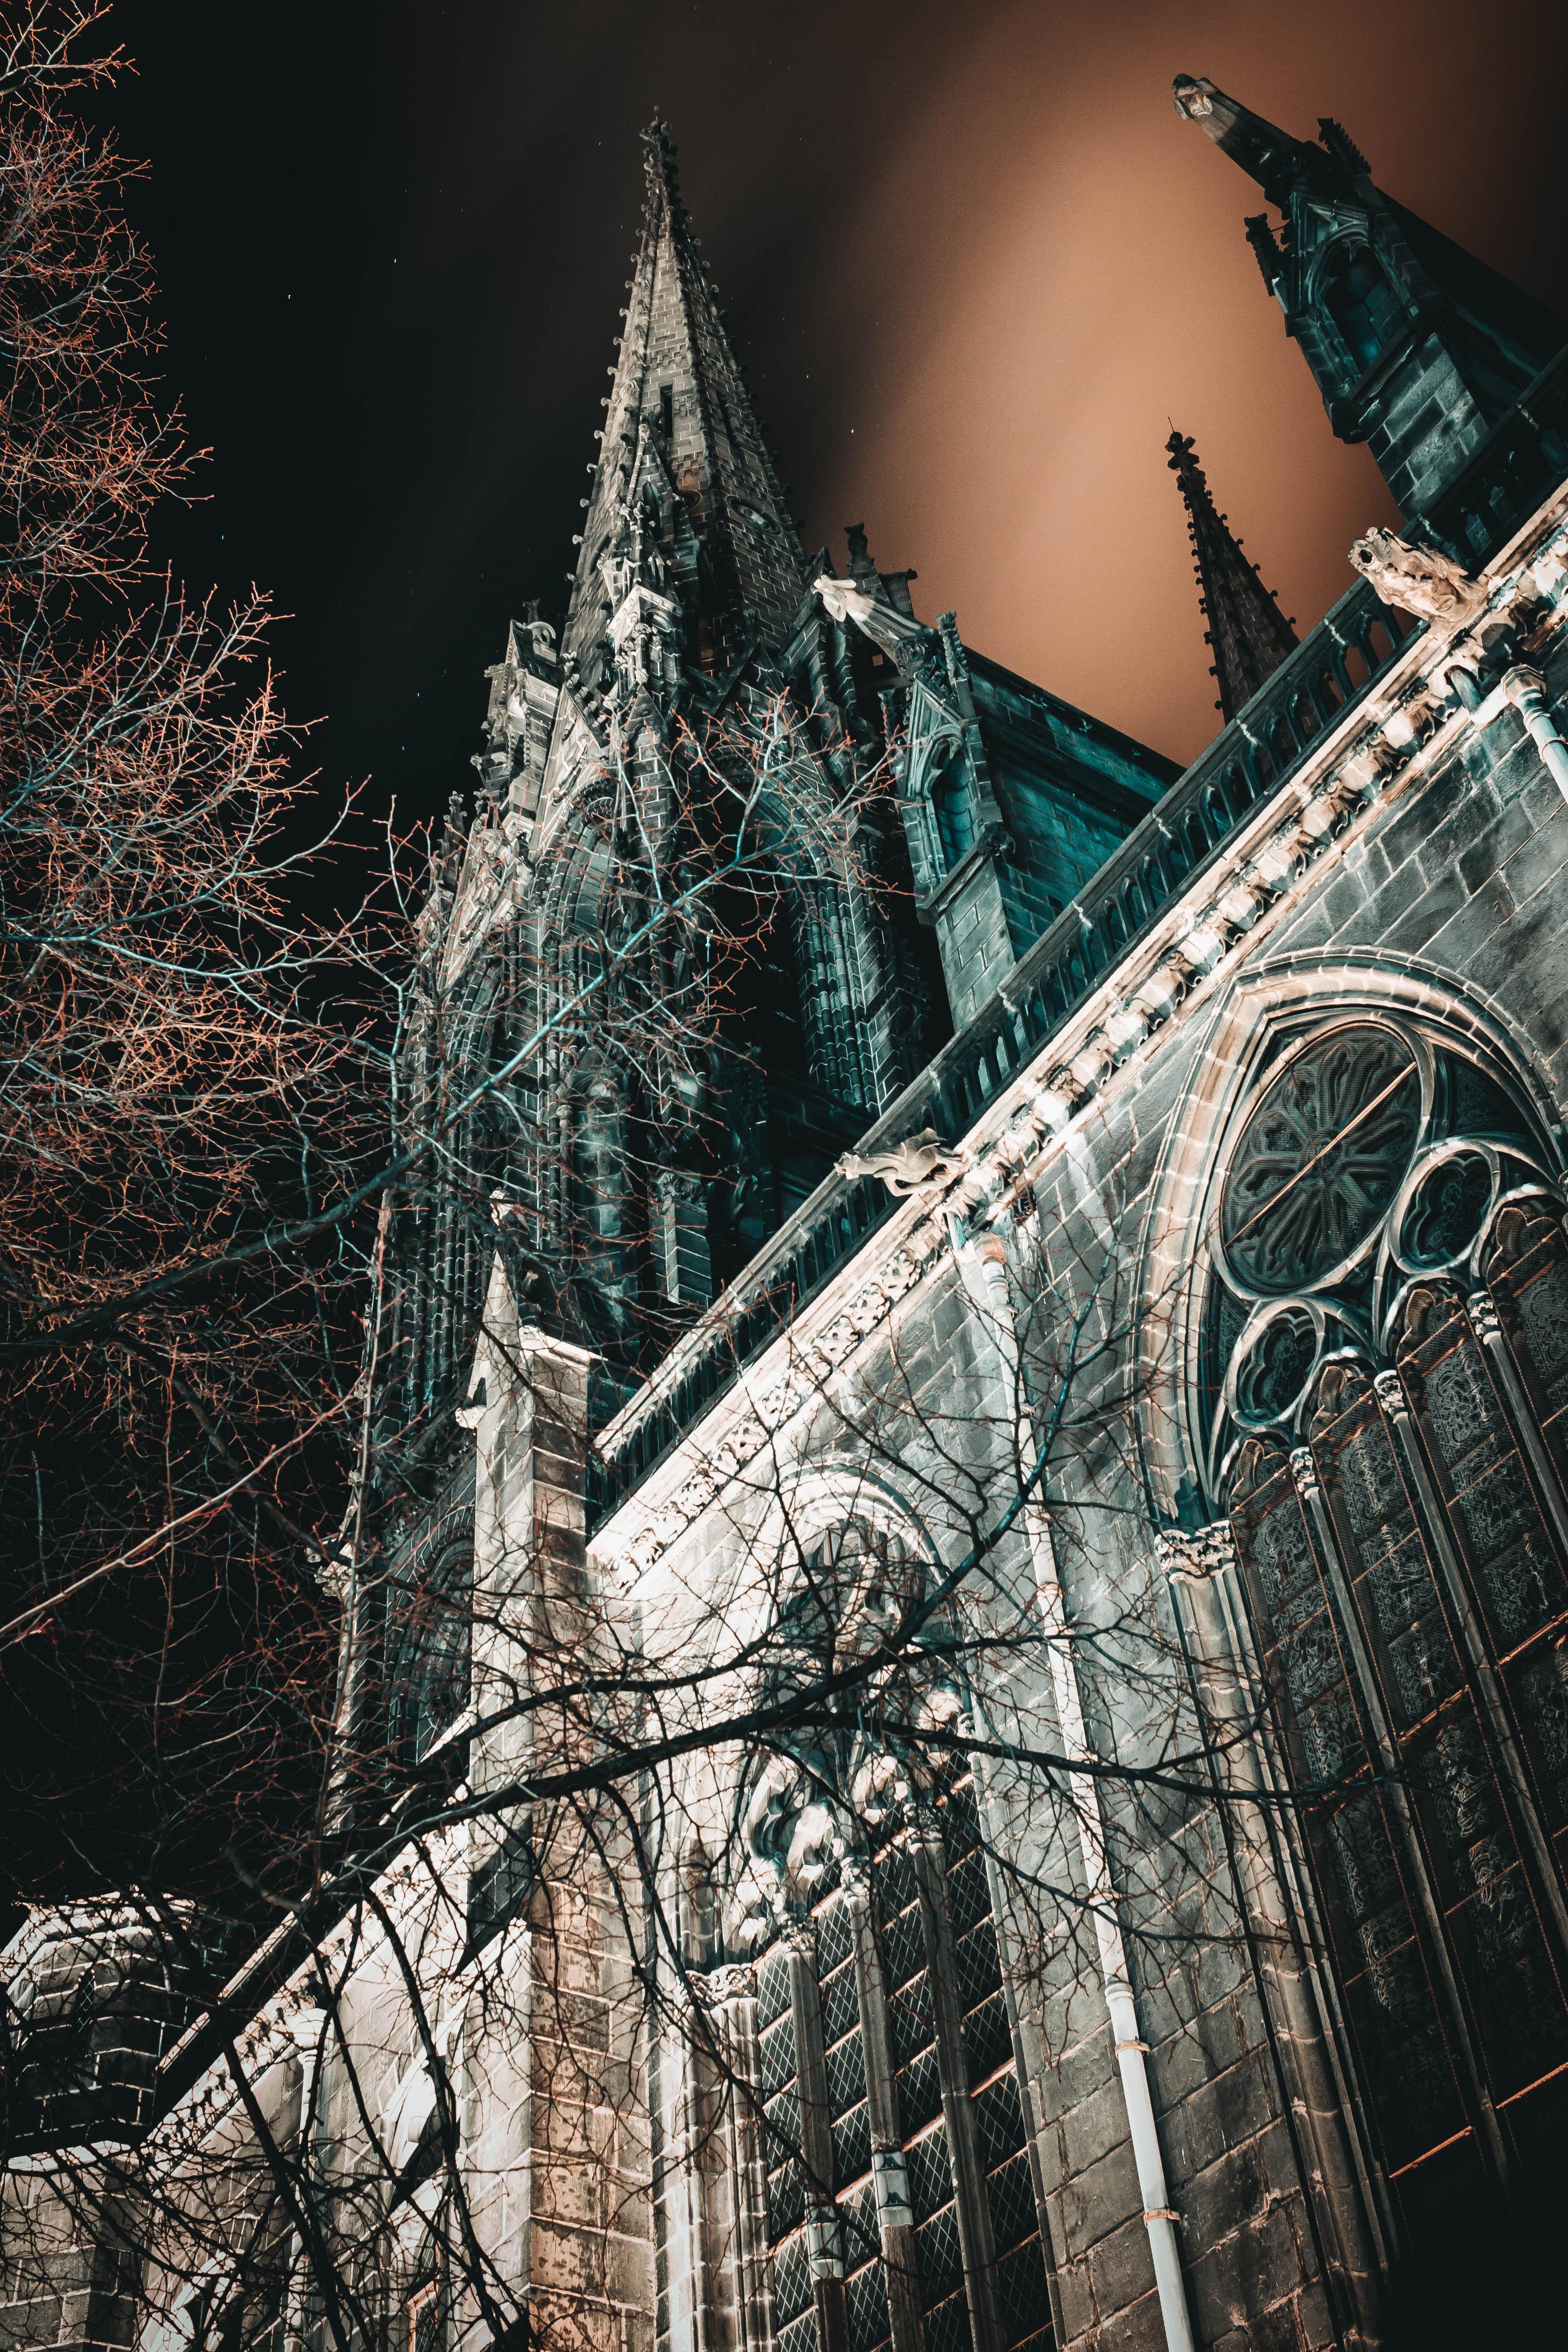 147144 Hintergrundbild herunterladen Architektur, Städte, Gothic, Gebäude, Alt, Turm - Bildschirmschoner und Bilder kostenlos